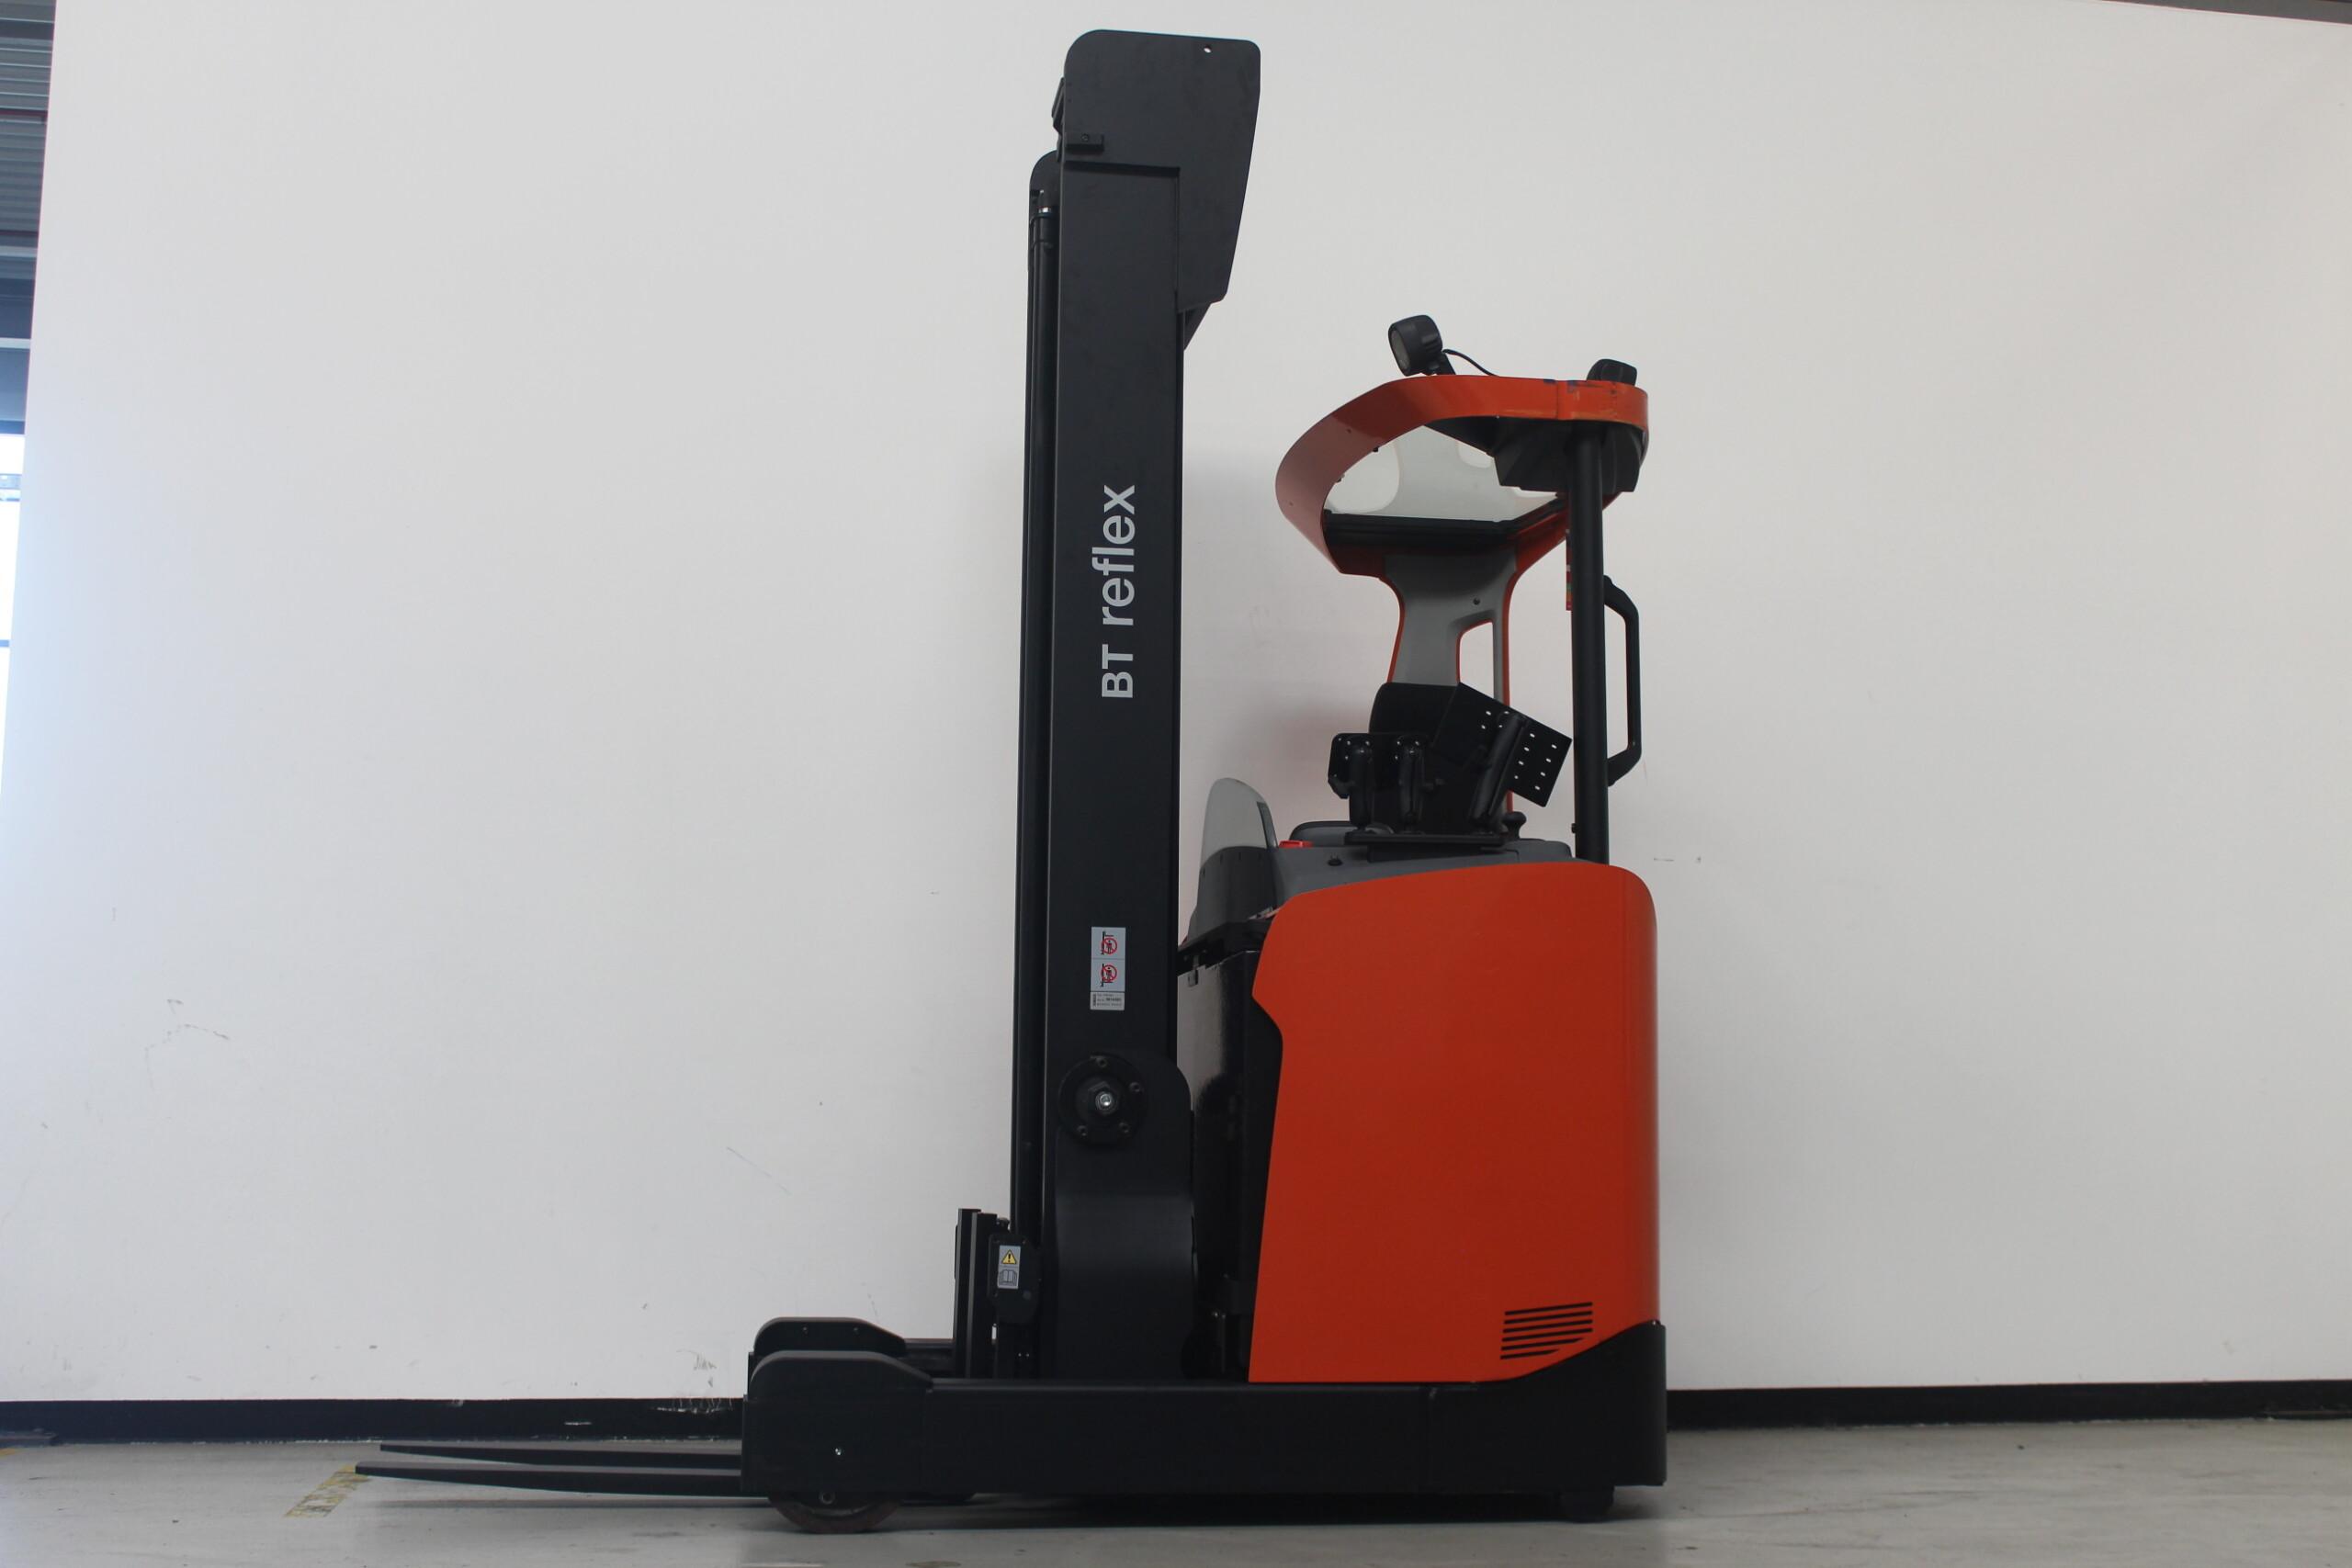 Toyota-Gabelstapler-59840 1801036151 1 31 scaled